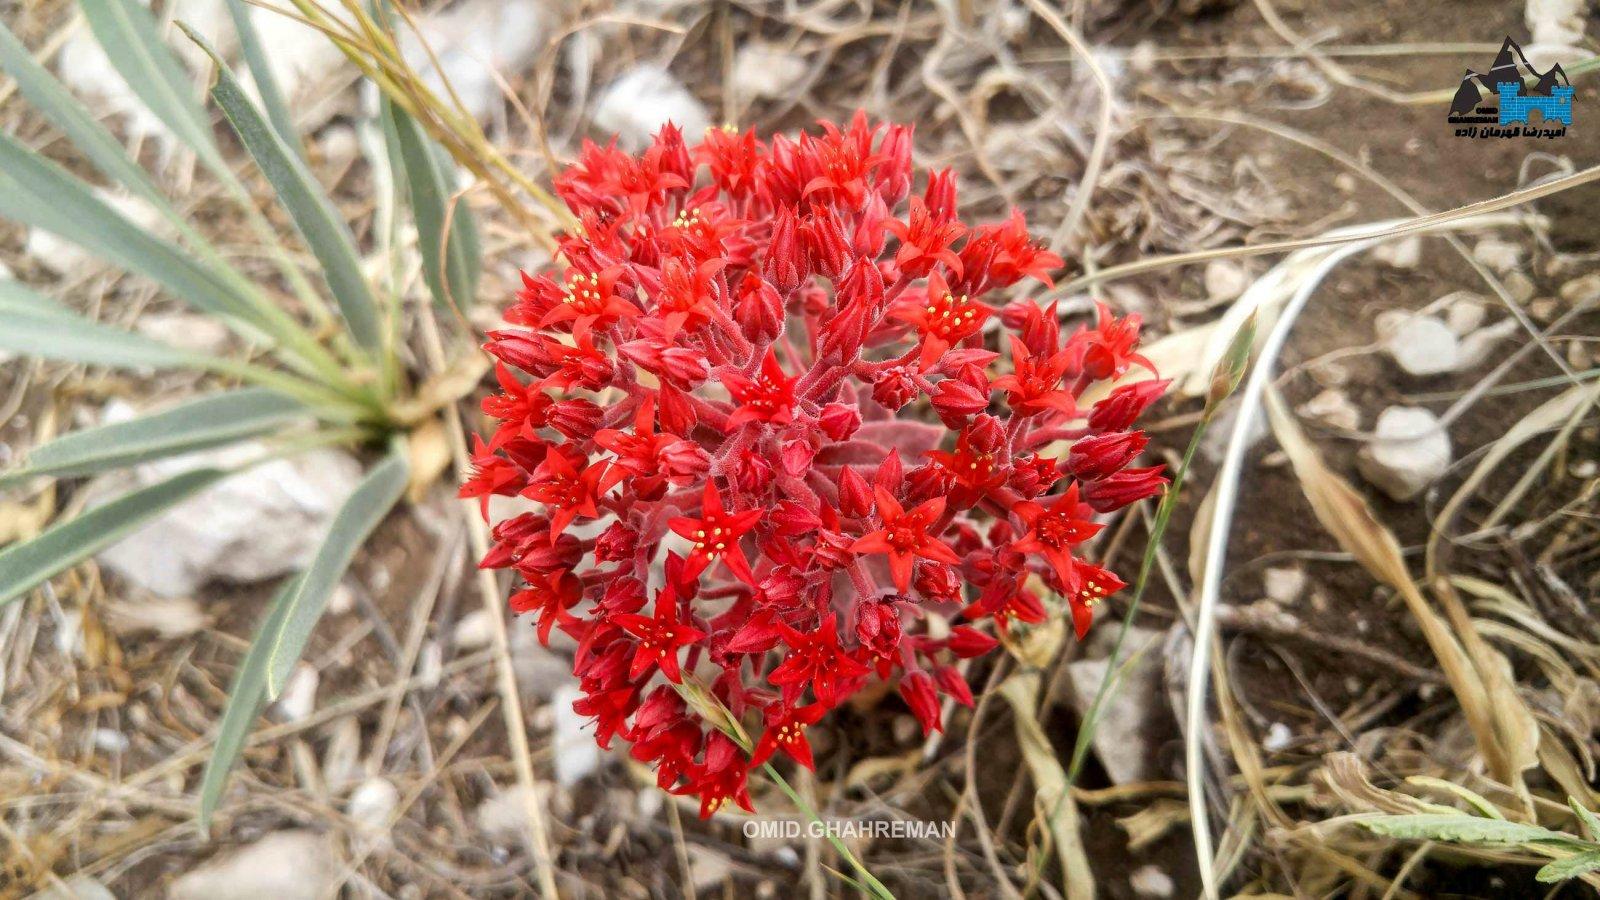 گلی زیبا از ساکولنت ها در قارلی داغ ماکو